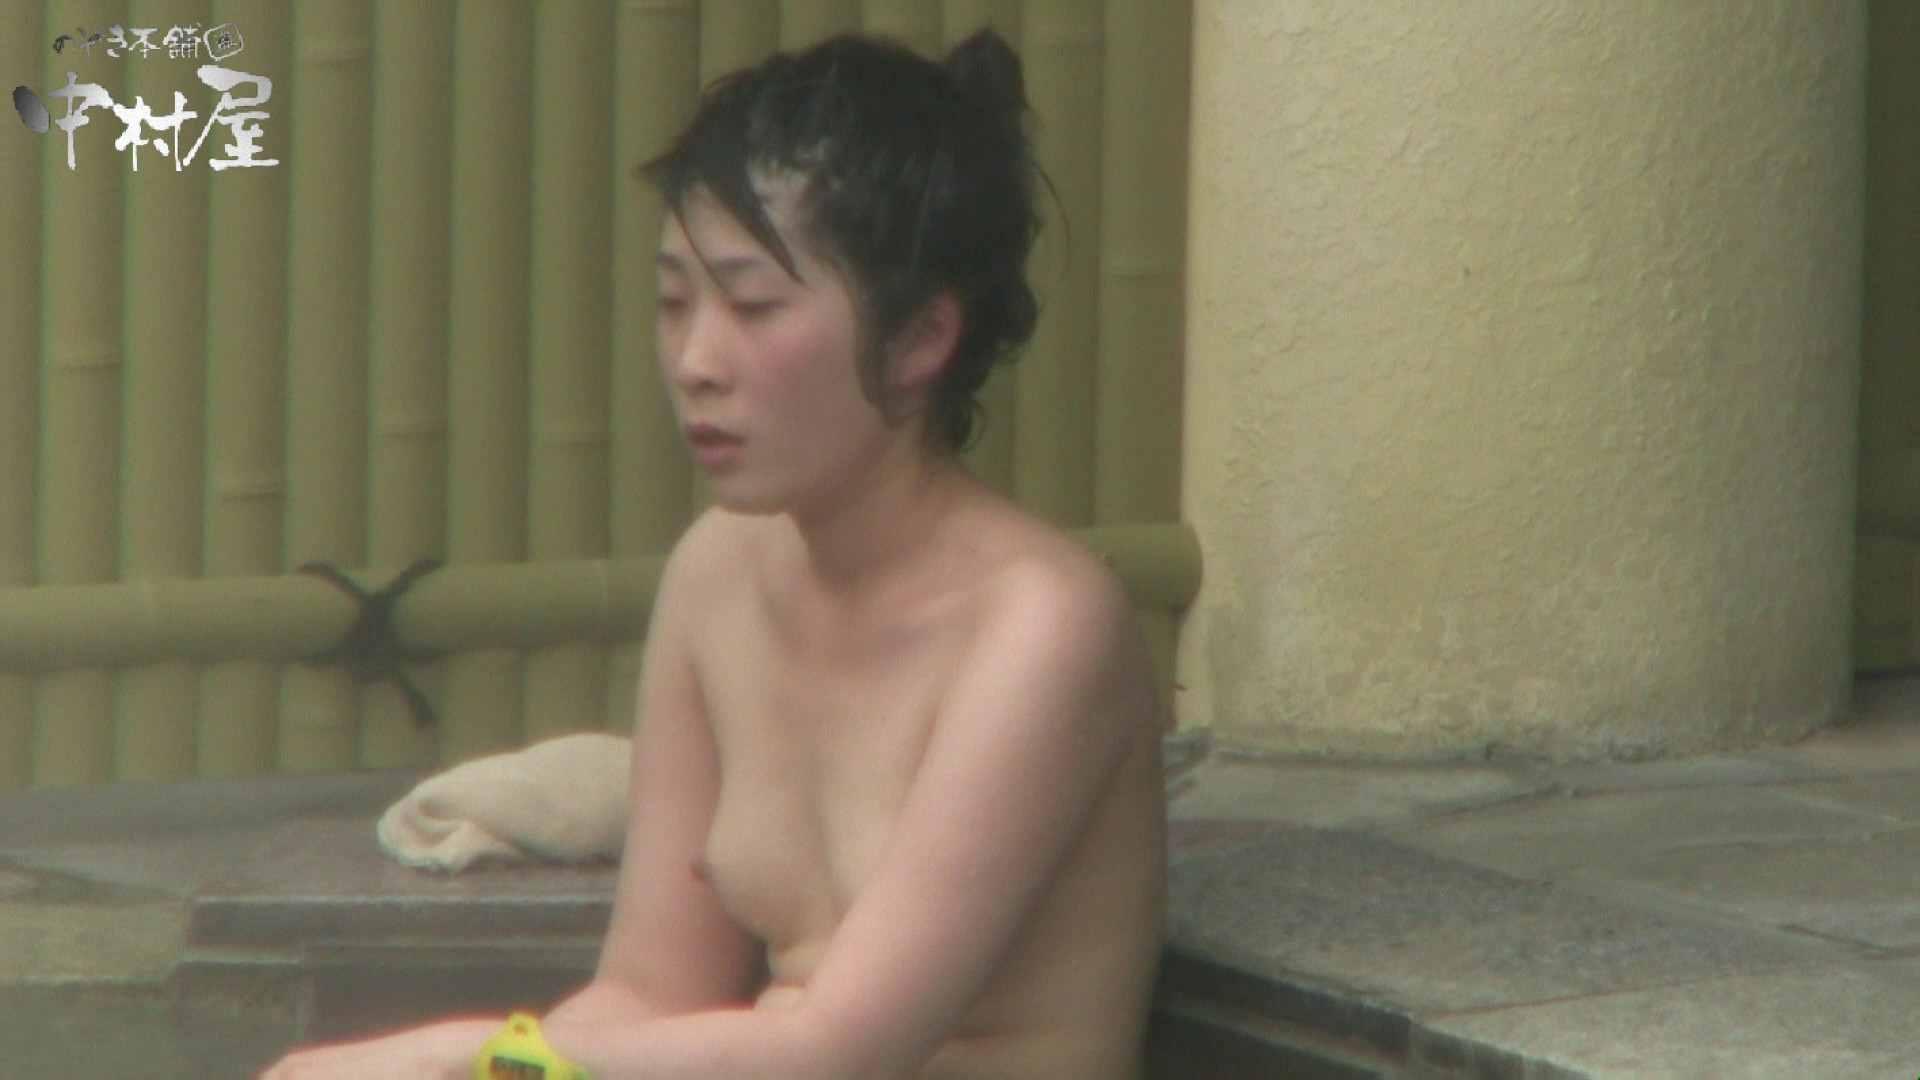 Aquaな露天風呂Vol.955 美しいOLの裸体 エロ無料画像 85pic 38